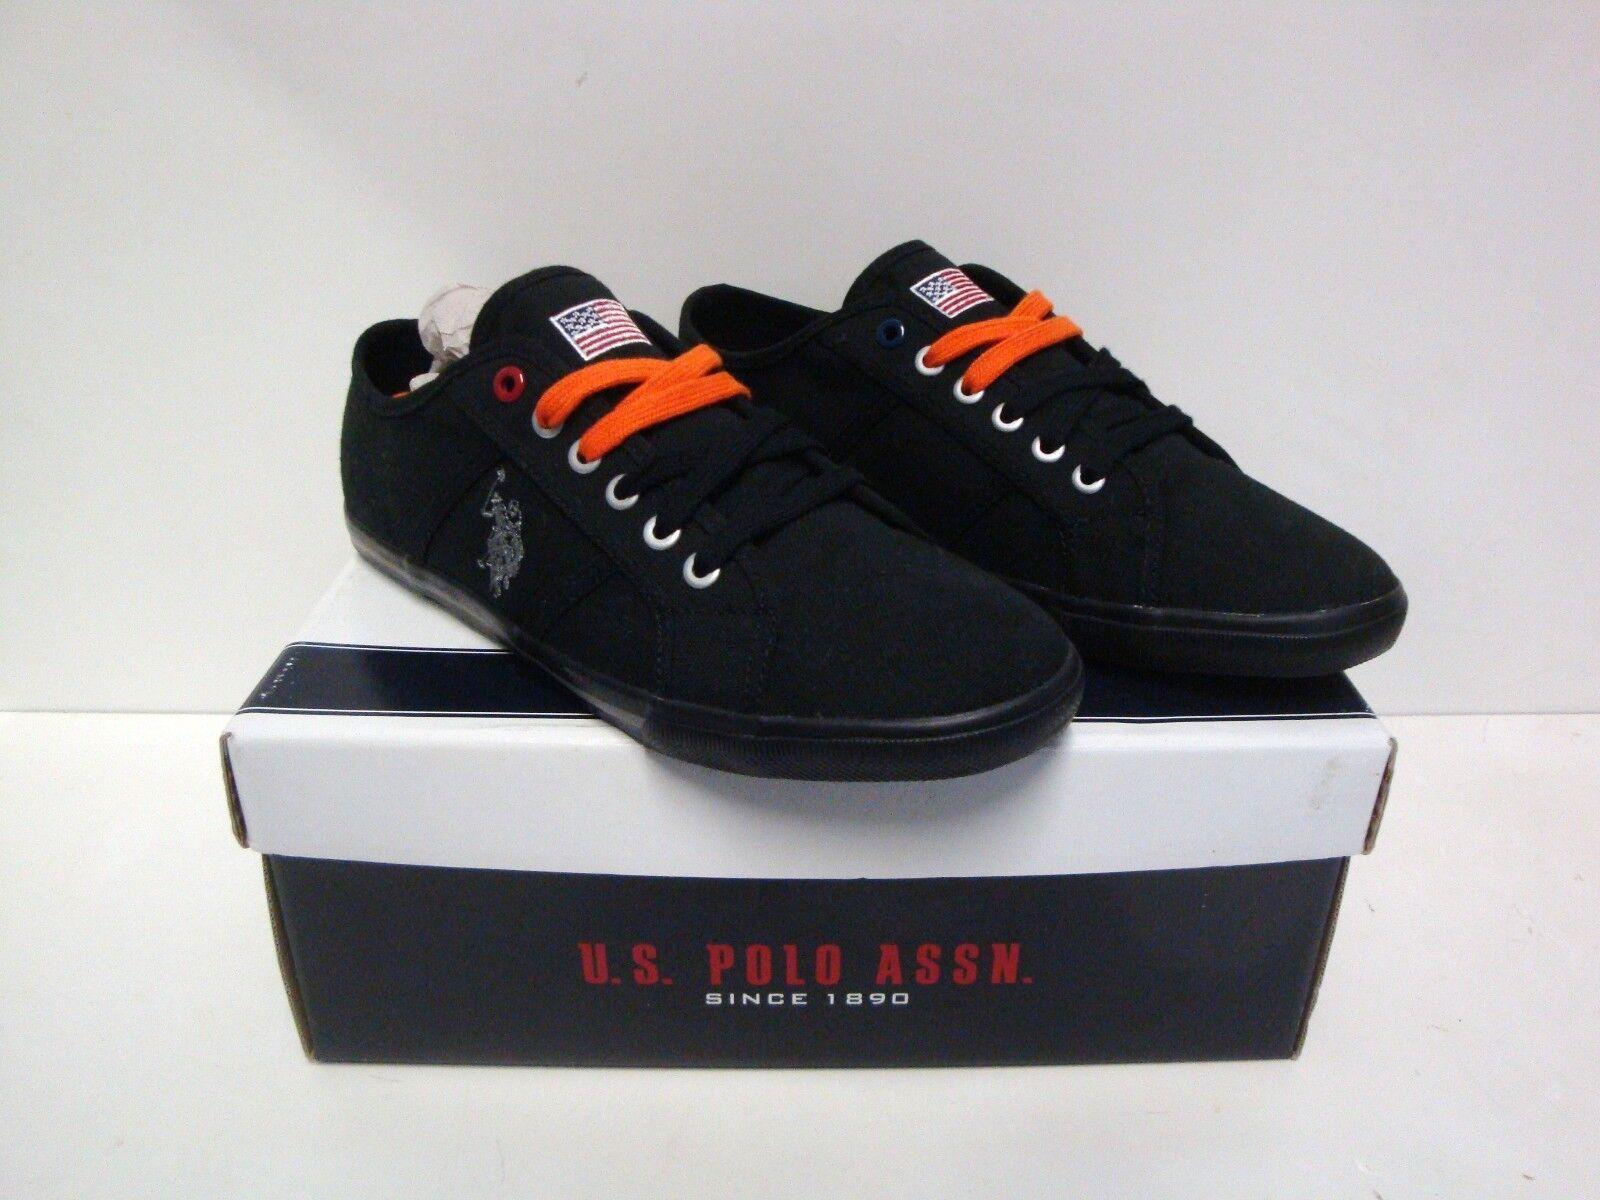 1 paire de chaussures homme US POLO ASSN taille 39 NEUVE